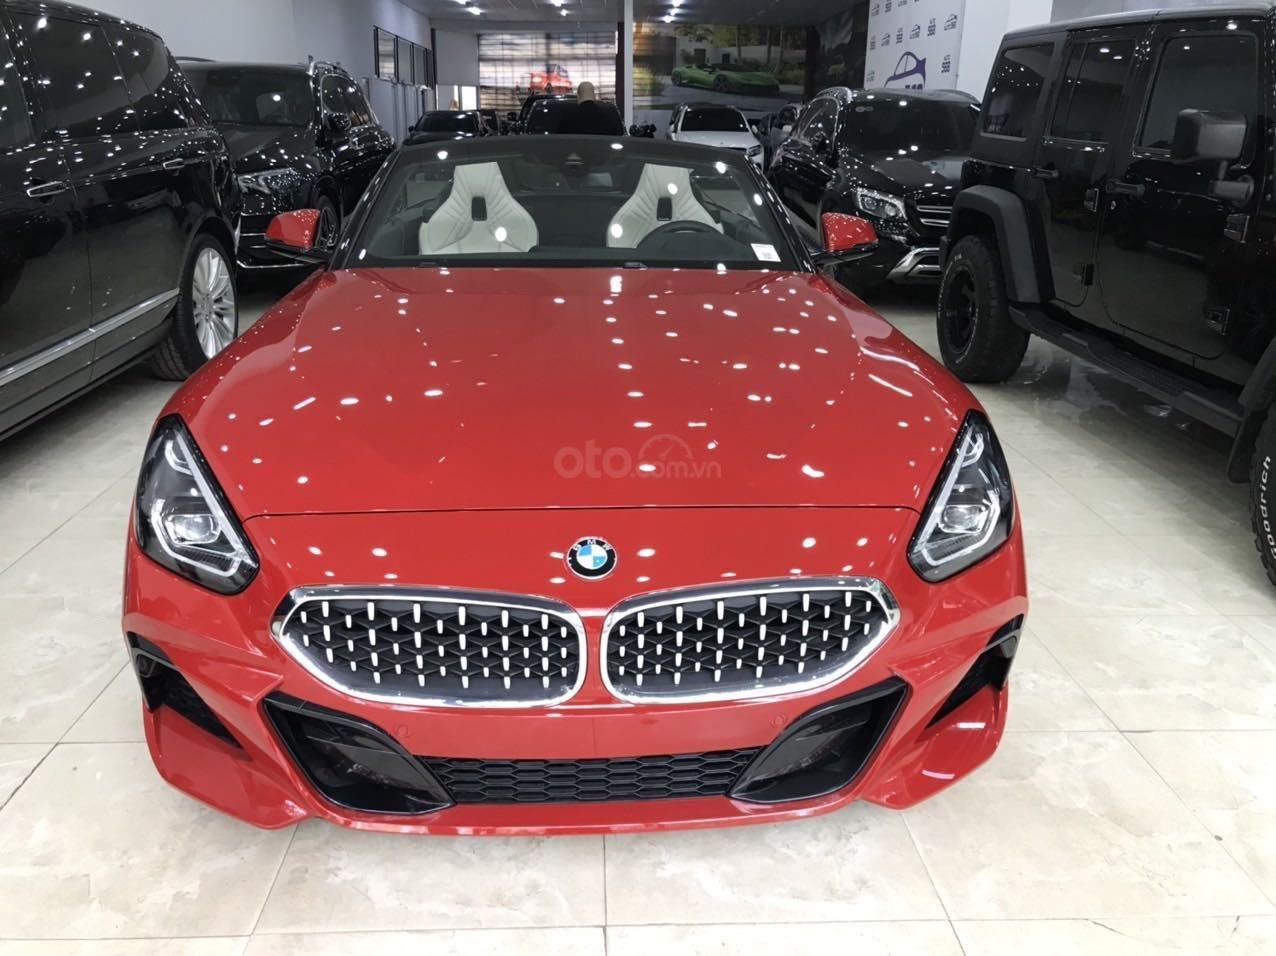 Xe BMW Z4 Sdrive đời 2020, màu đỏ nhập khẩu nguyên chiếc siêu lướt (3)